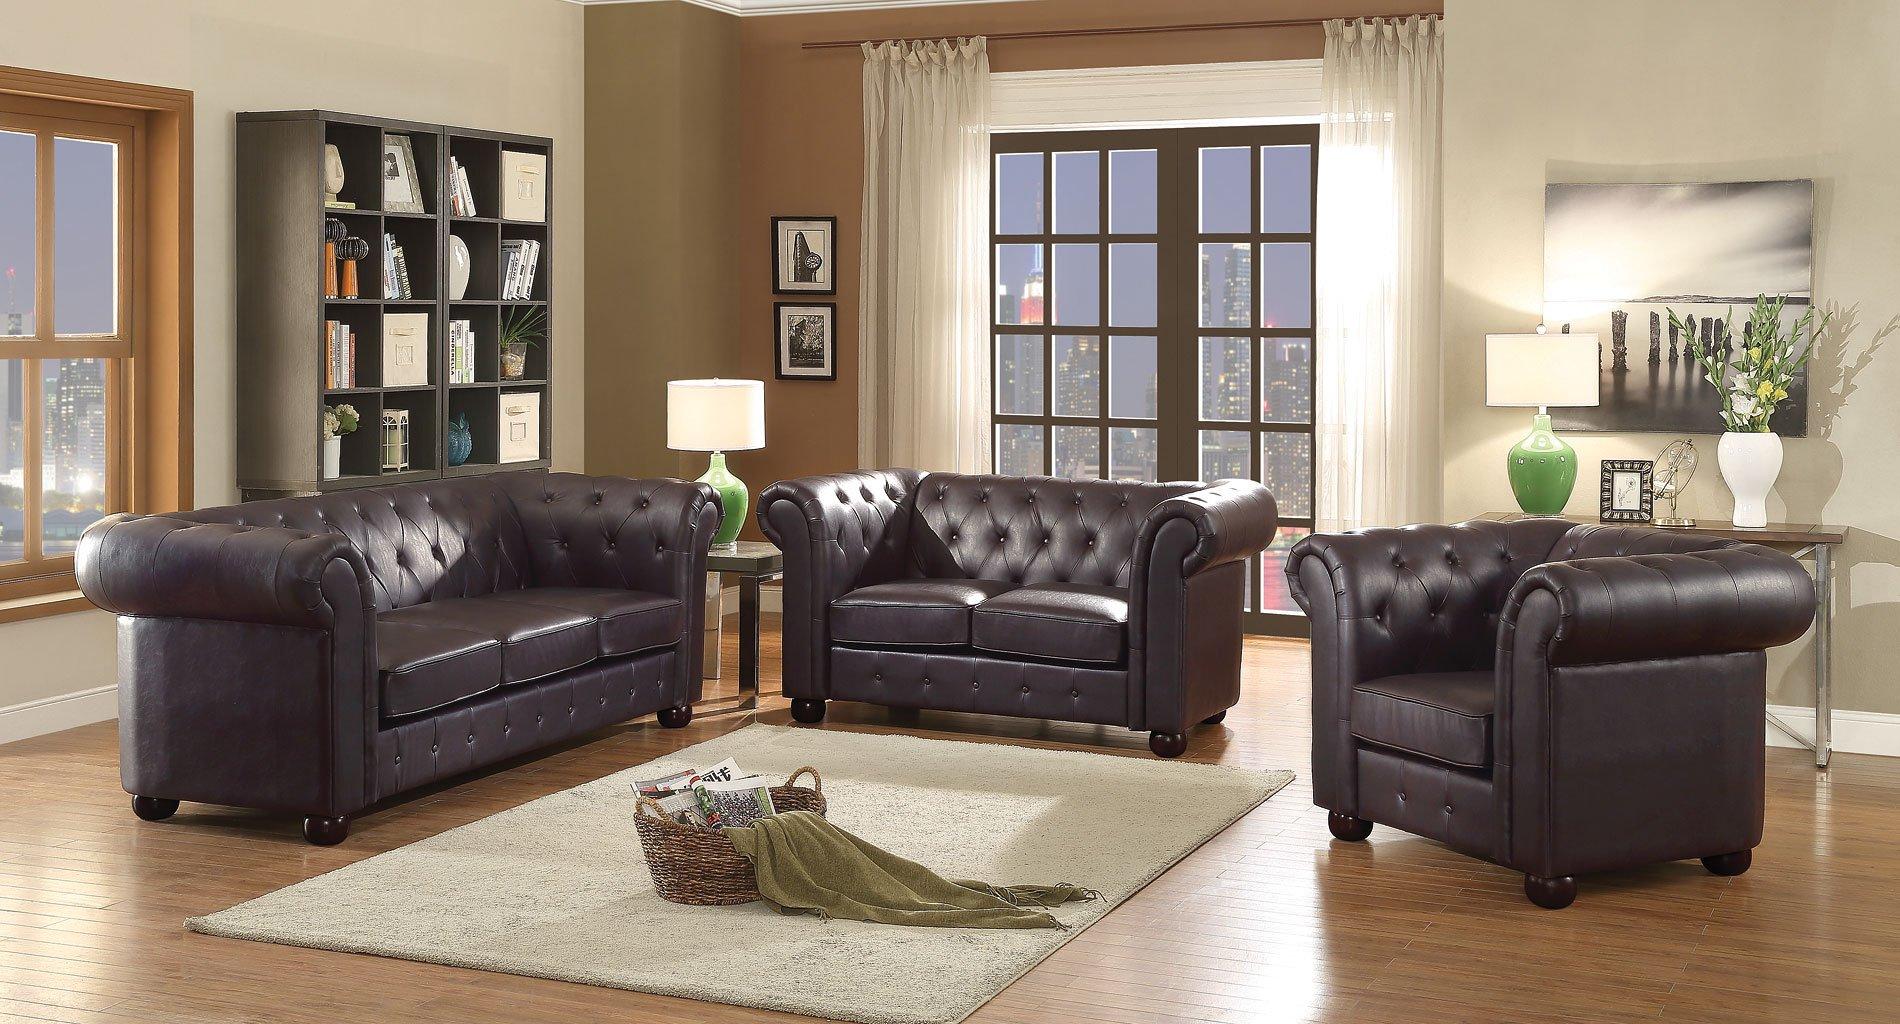 G494 Tufted Living Room Set Dark Brown Living Room Furniture Living